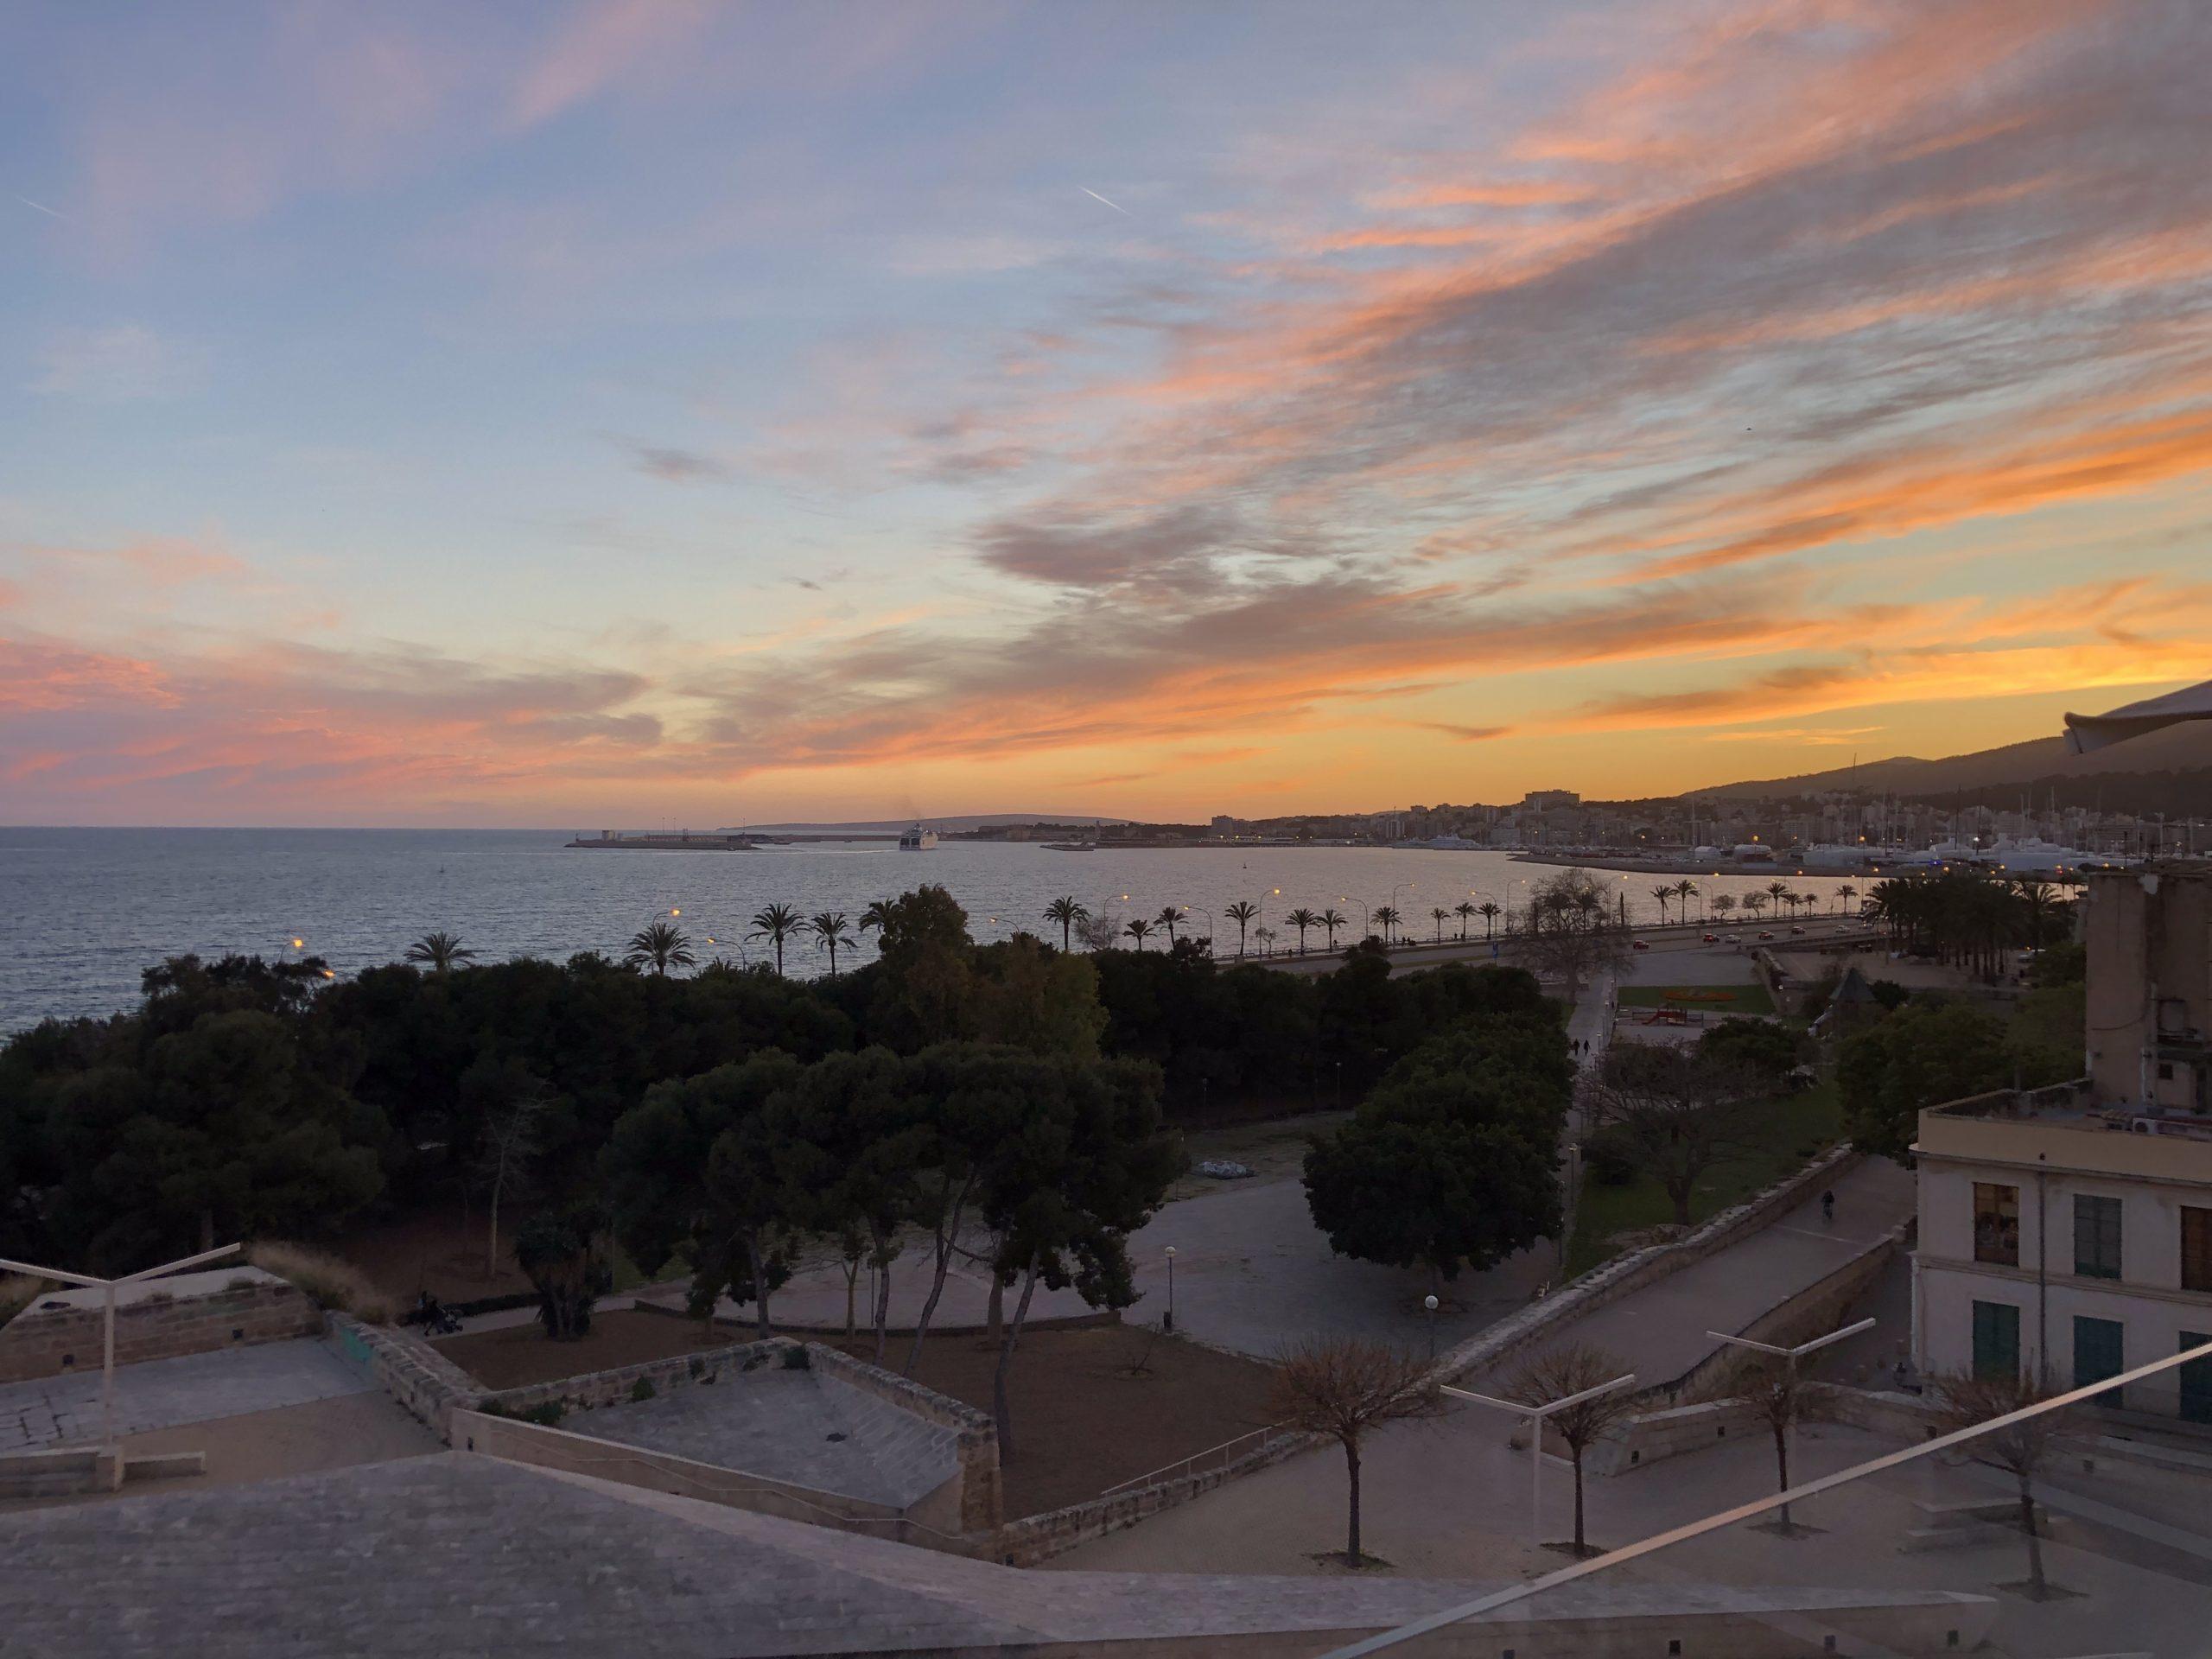 Mein Bild der Woche 13 - Mallorca 2019